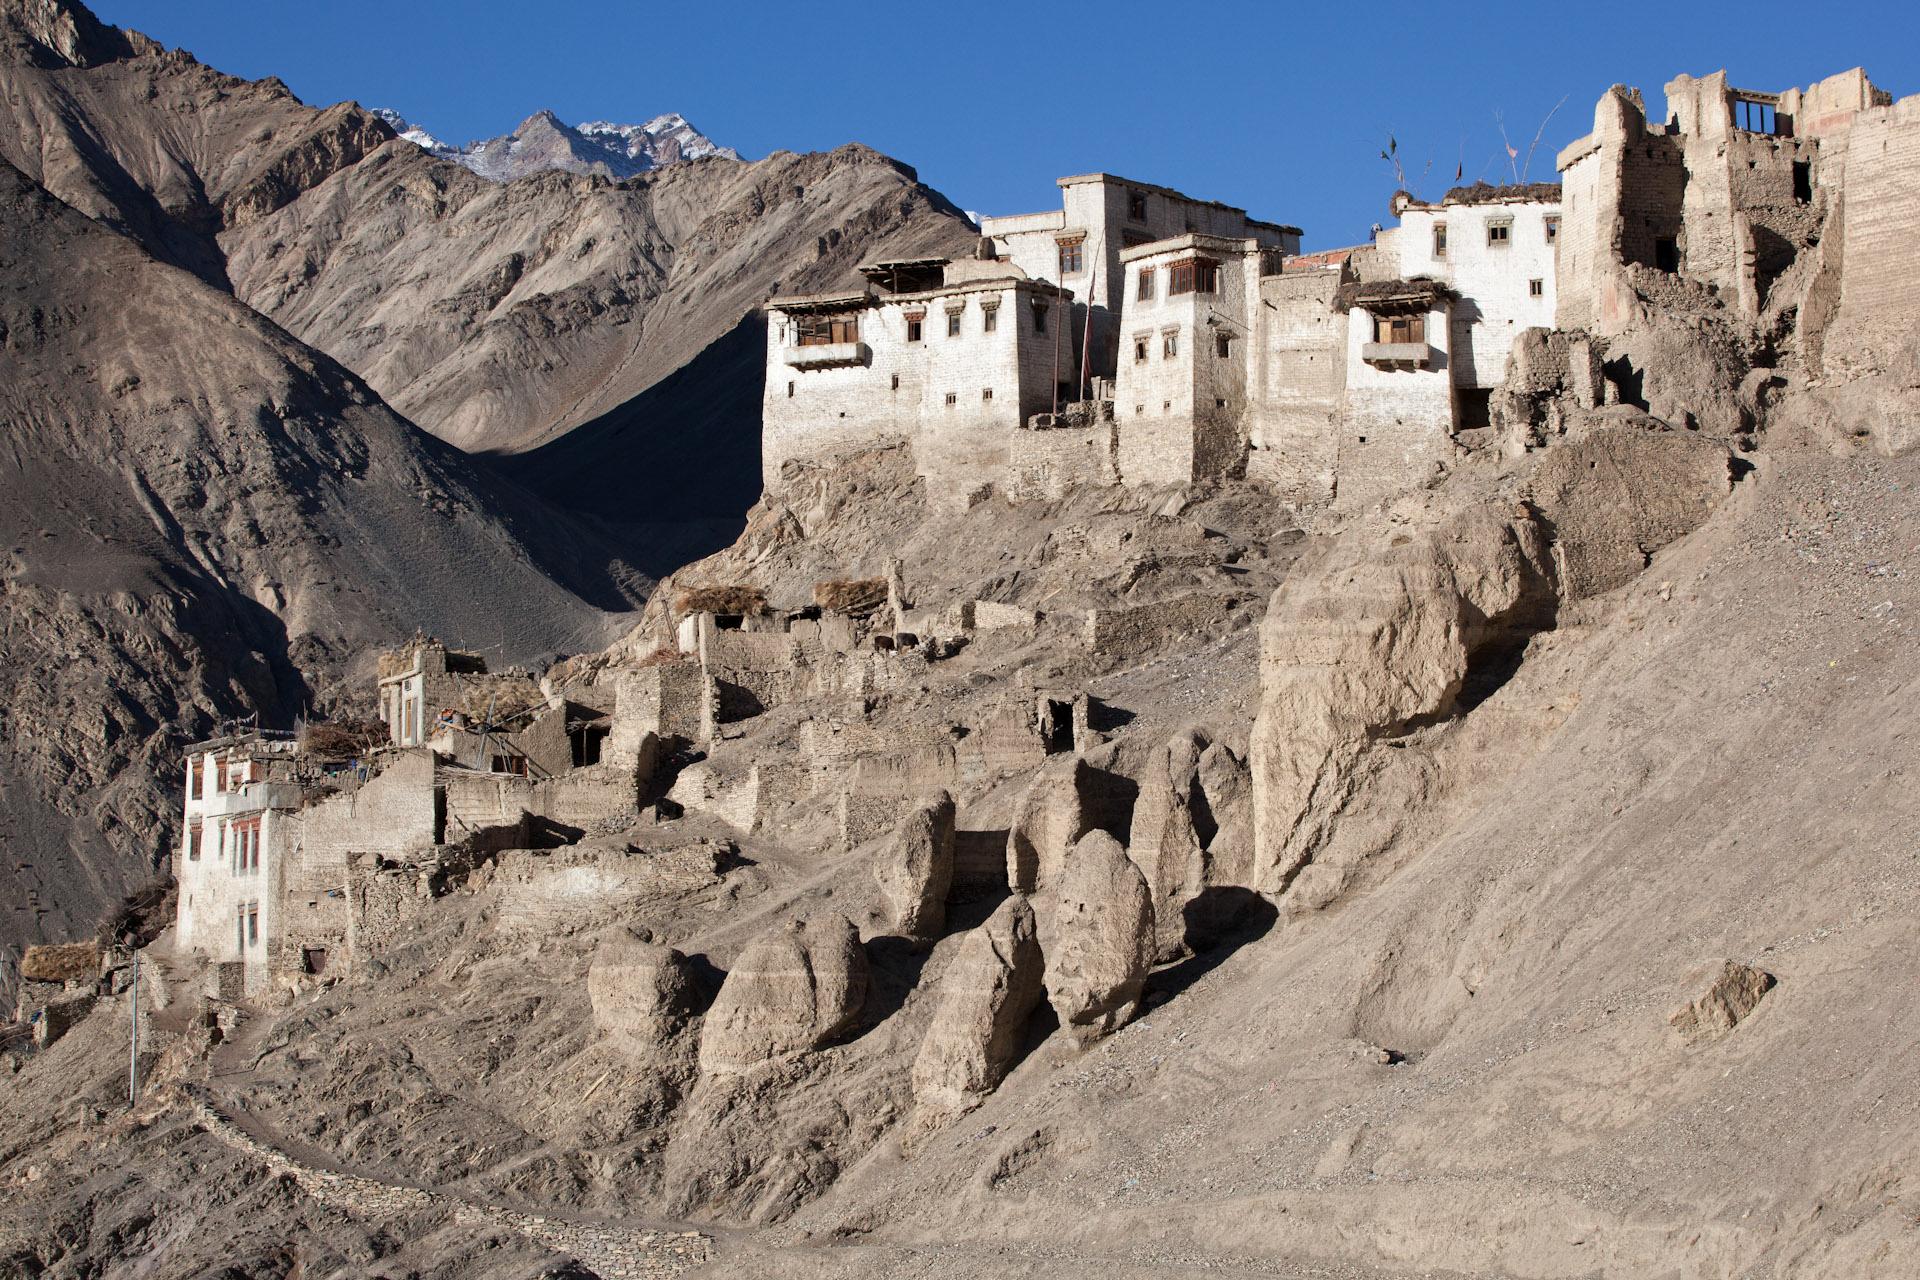 Jason_Bax_Travel_India-Ladakh-Lamayuru-Monastery.JPG